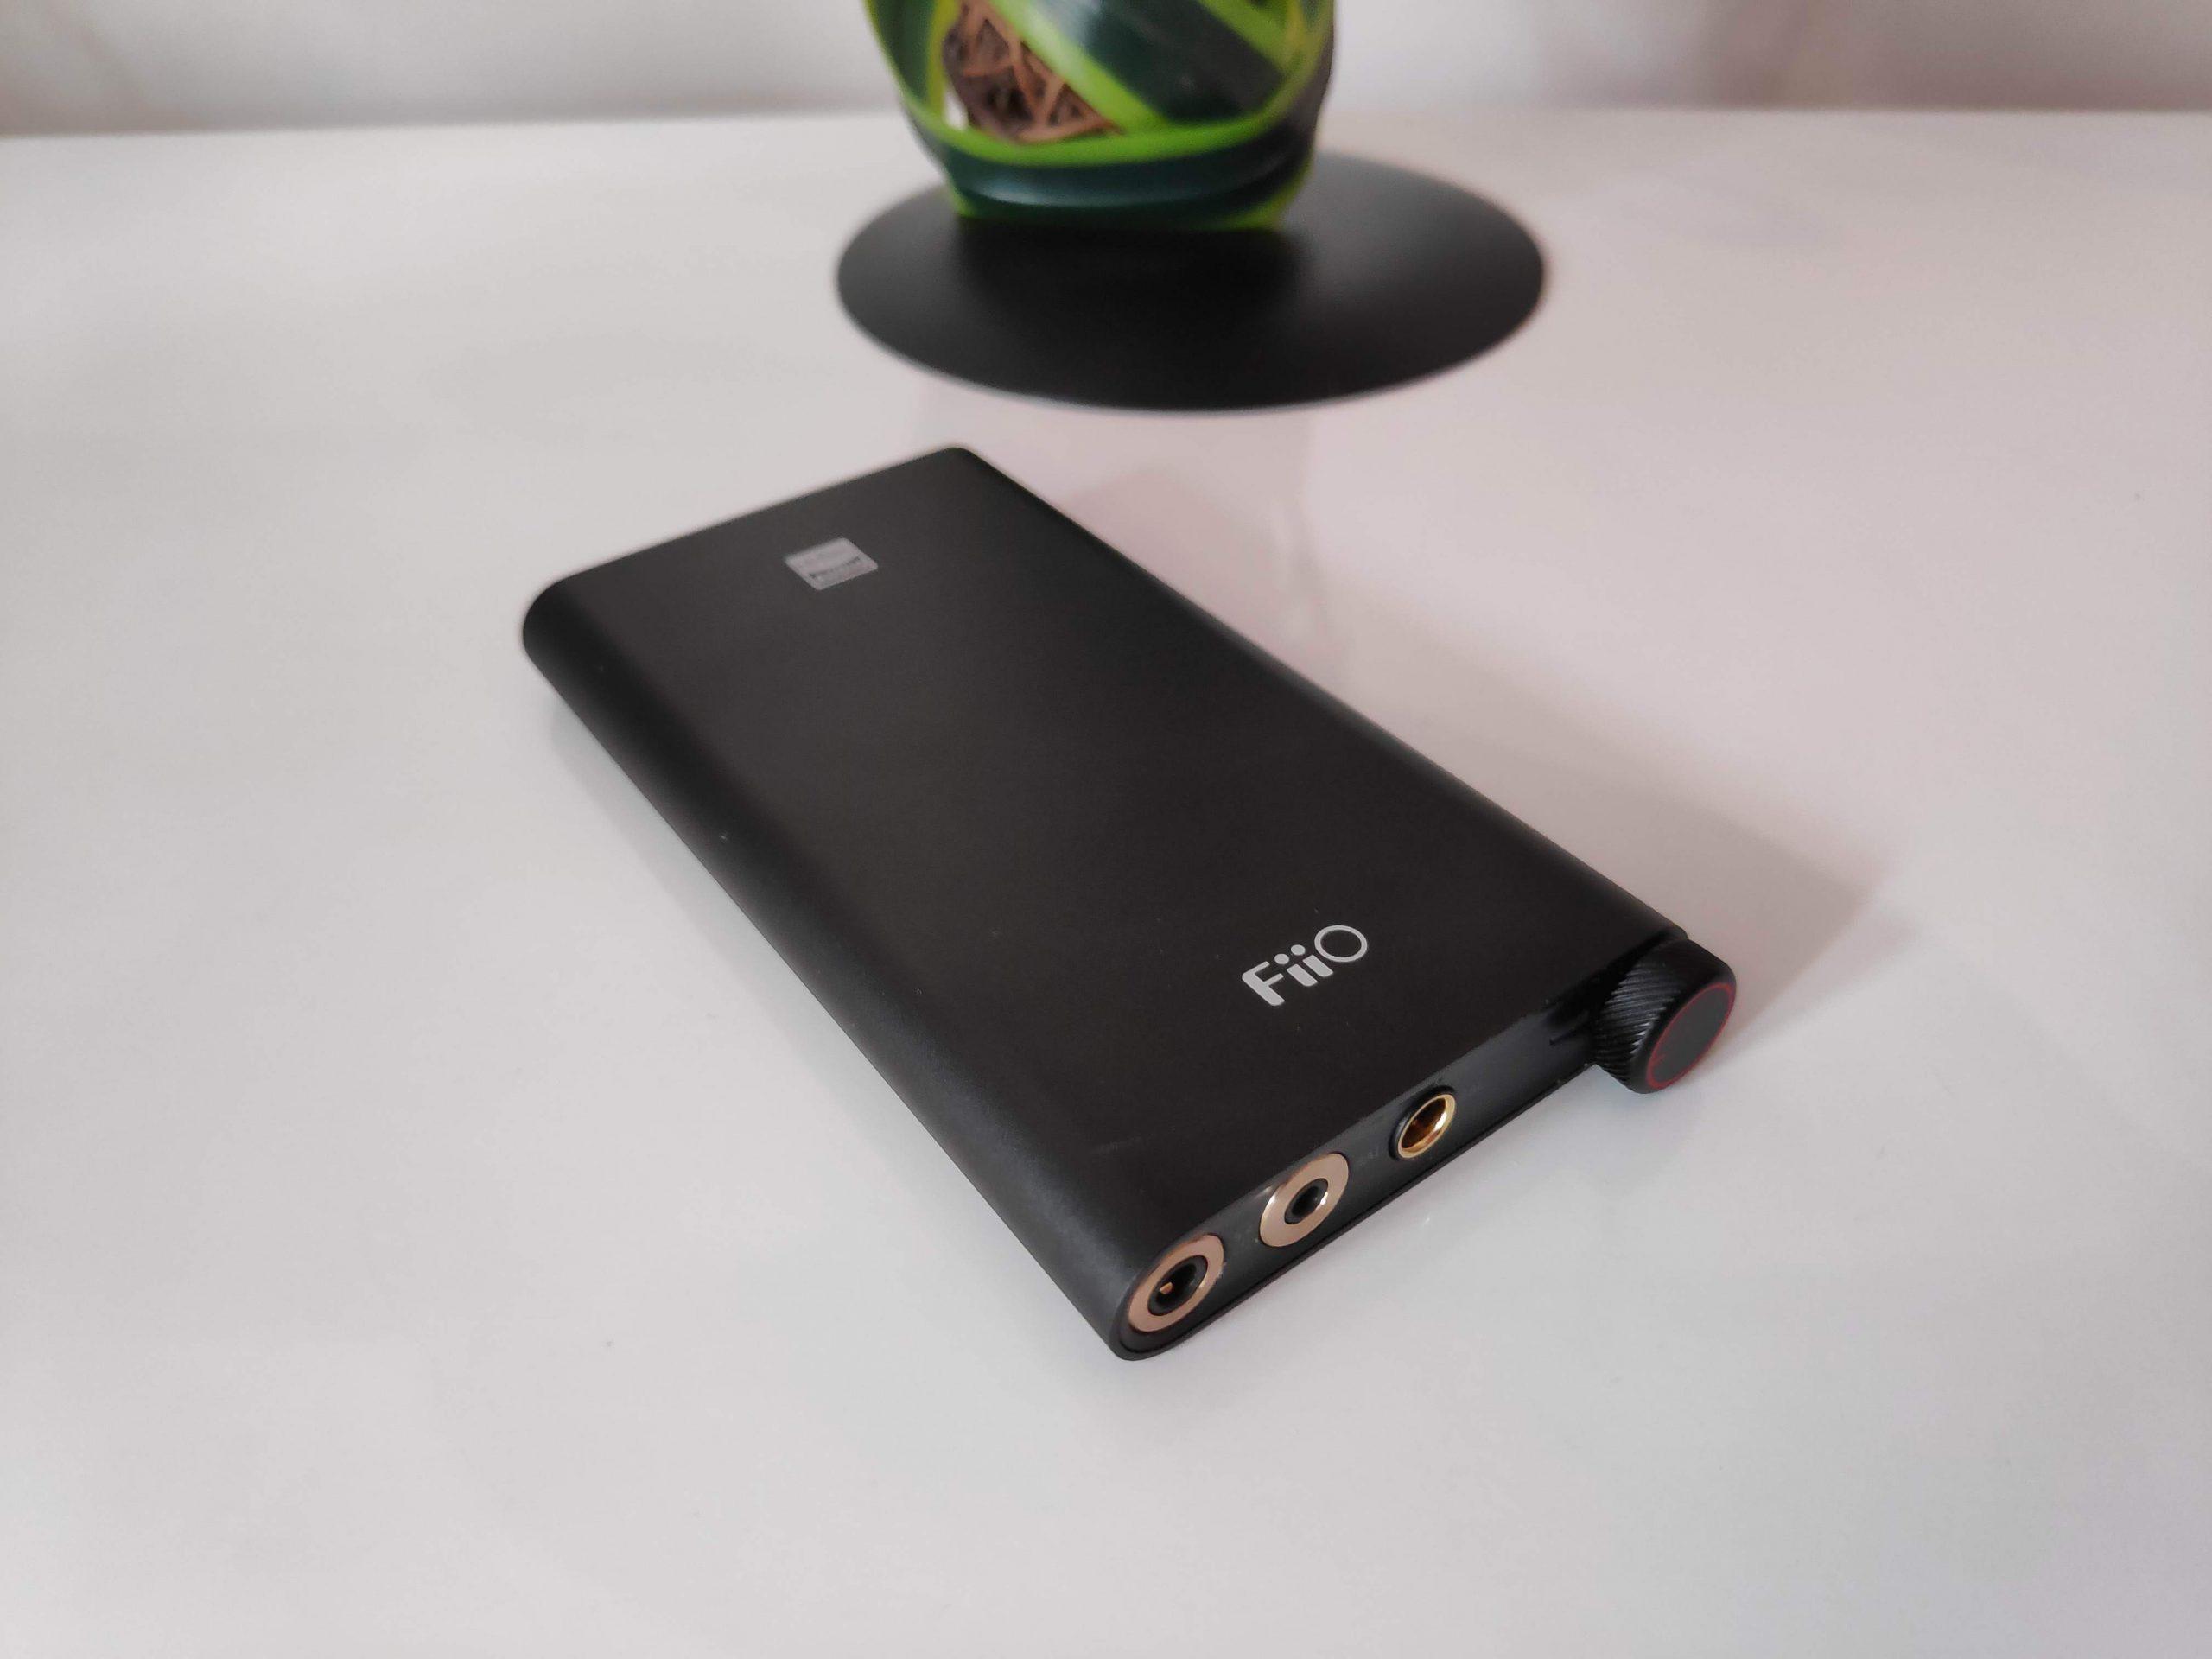 FiiO Q3 ampli DAC